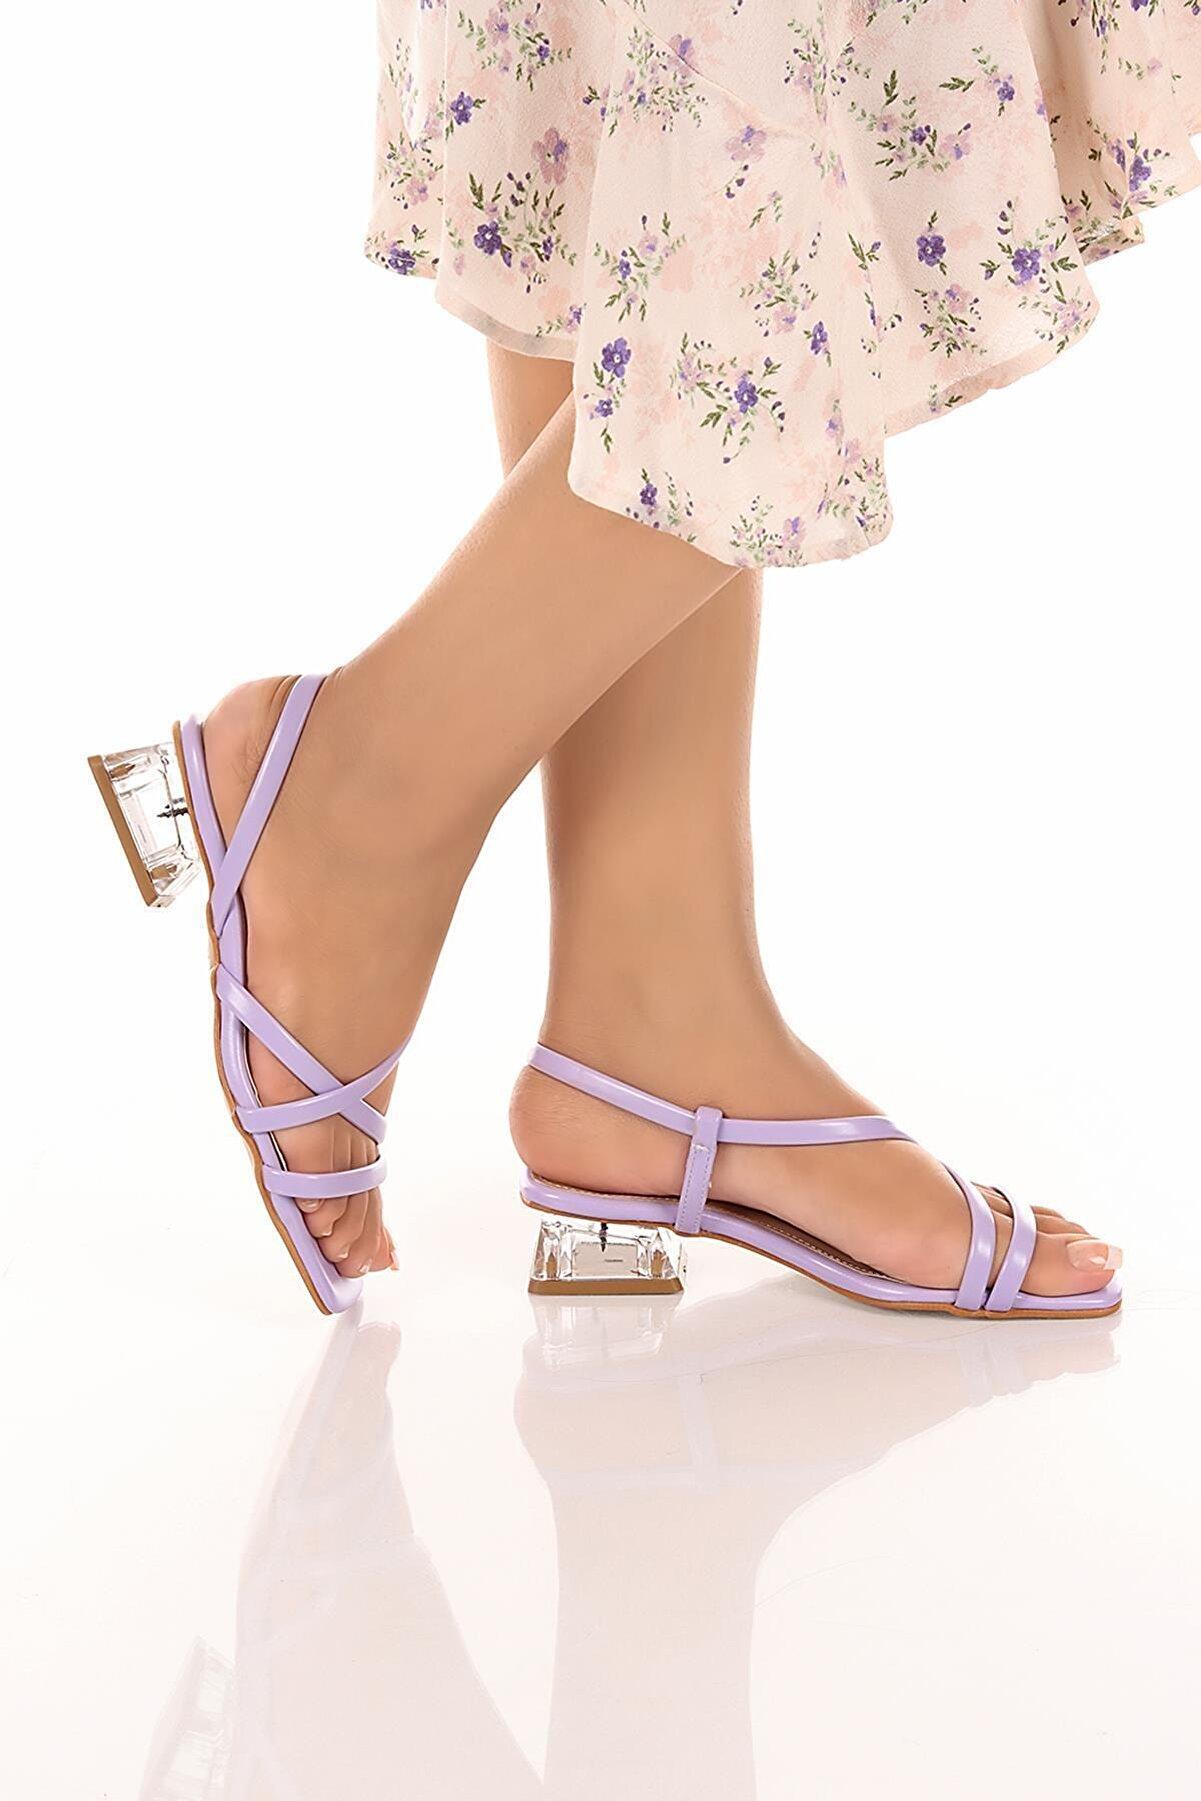 SOBY SHOES Kadın Mor Günlük Şeffaf Topuklu Şık Ve Rahat Sandalet Soby11050026